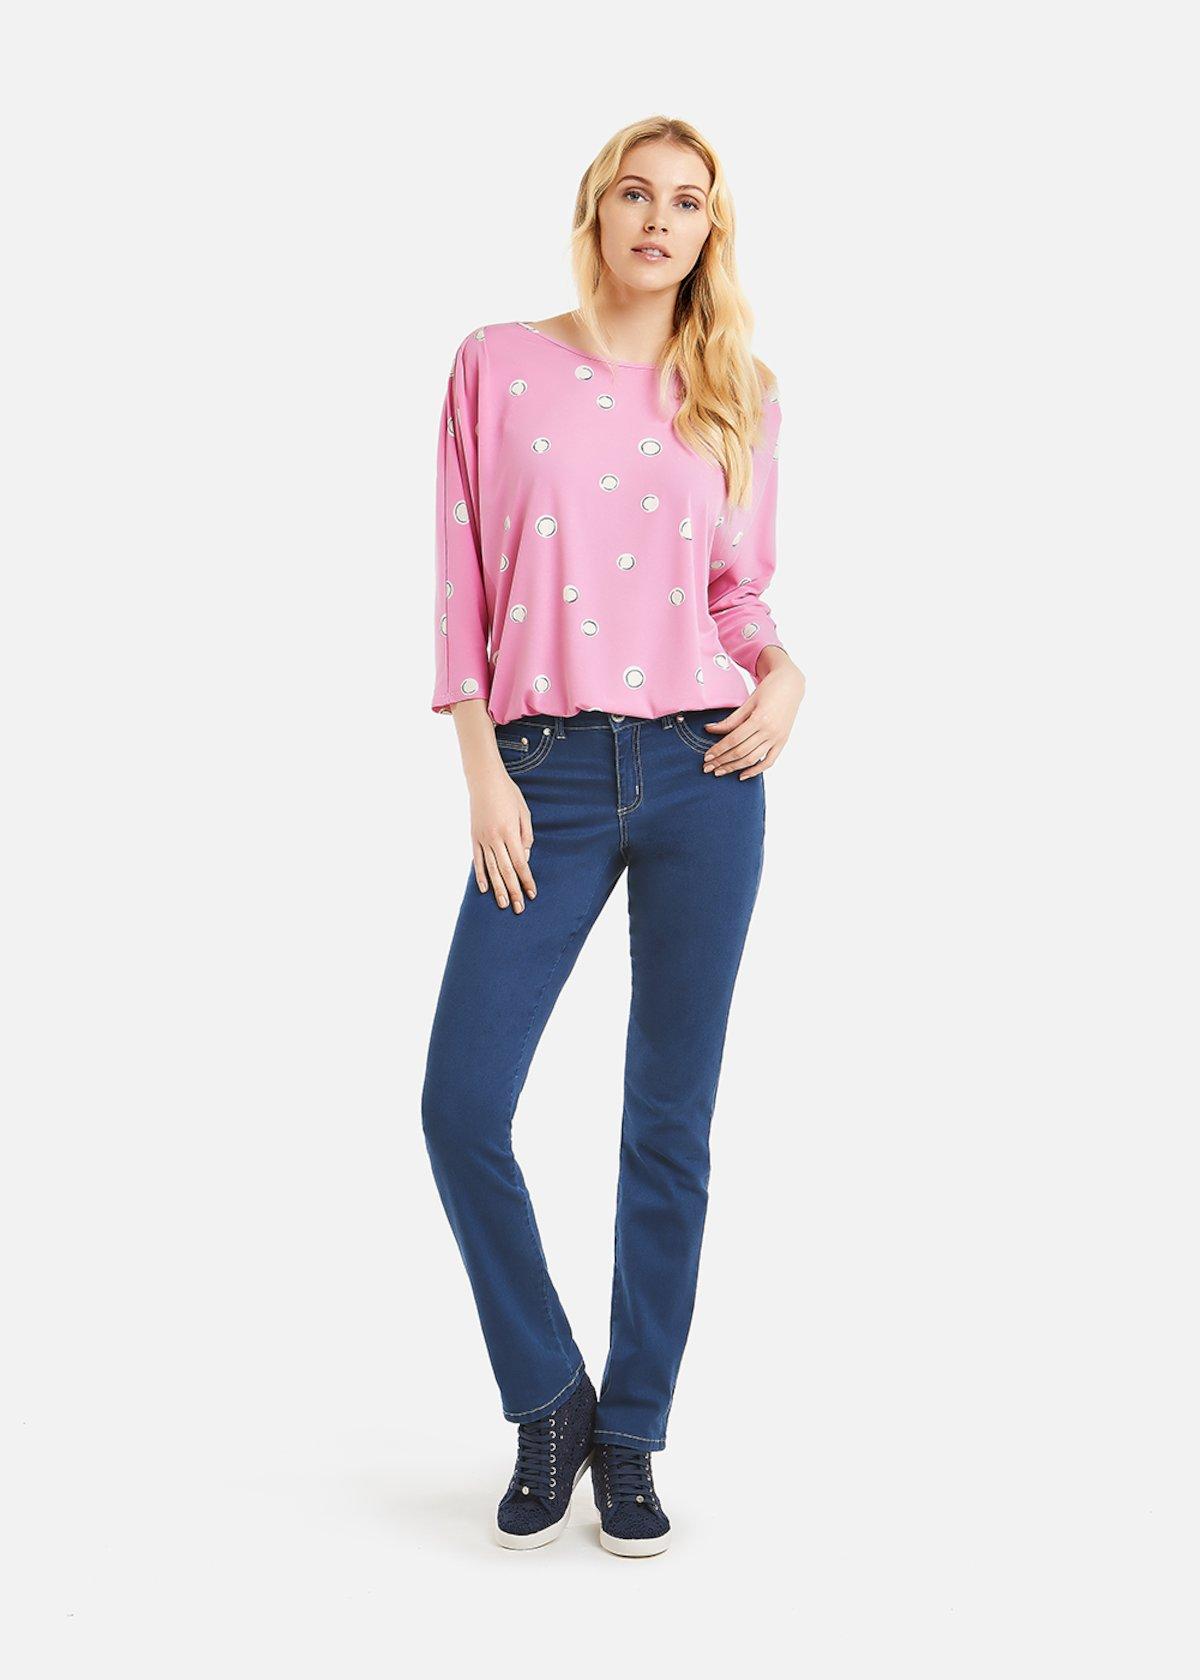 Jeans skinny Donkey 5 tasche - Denim